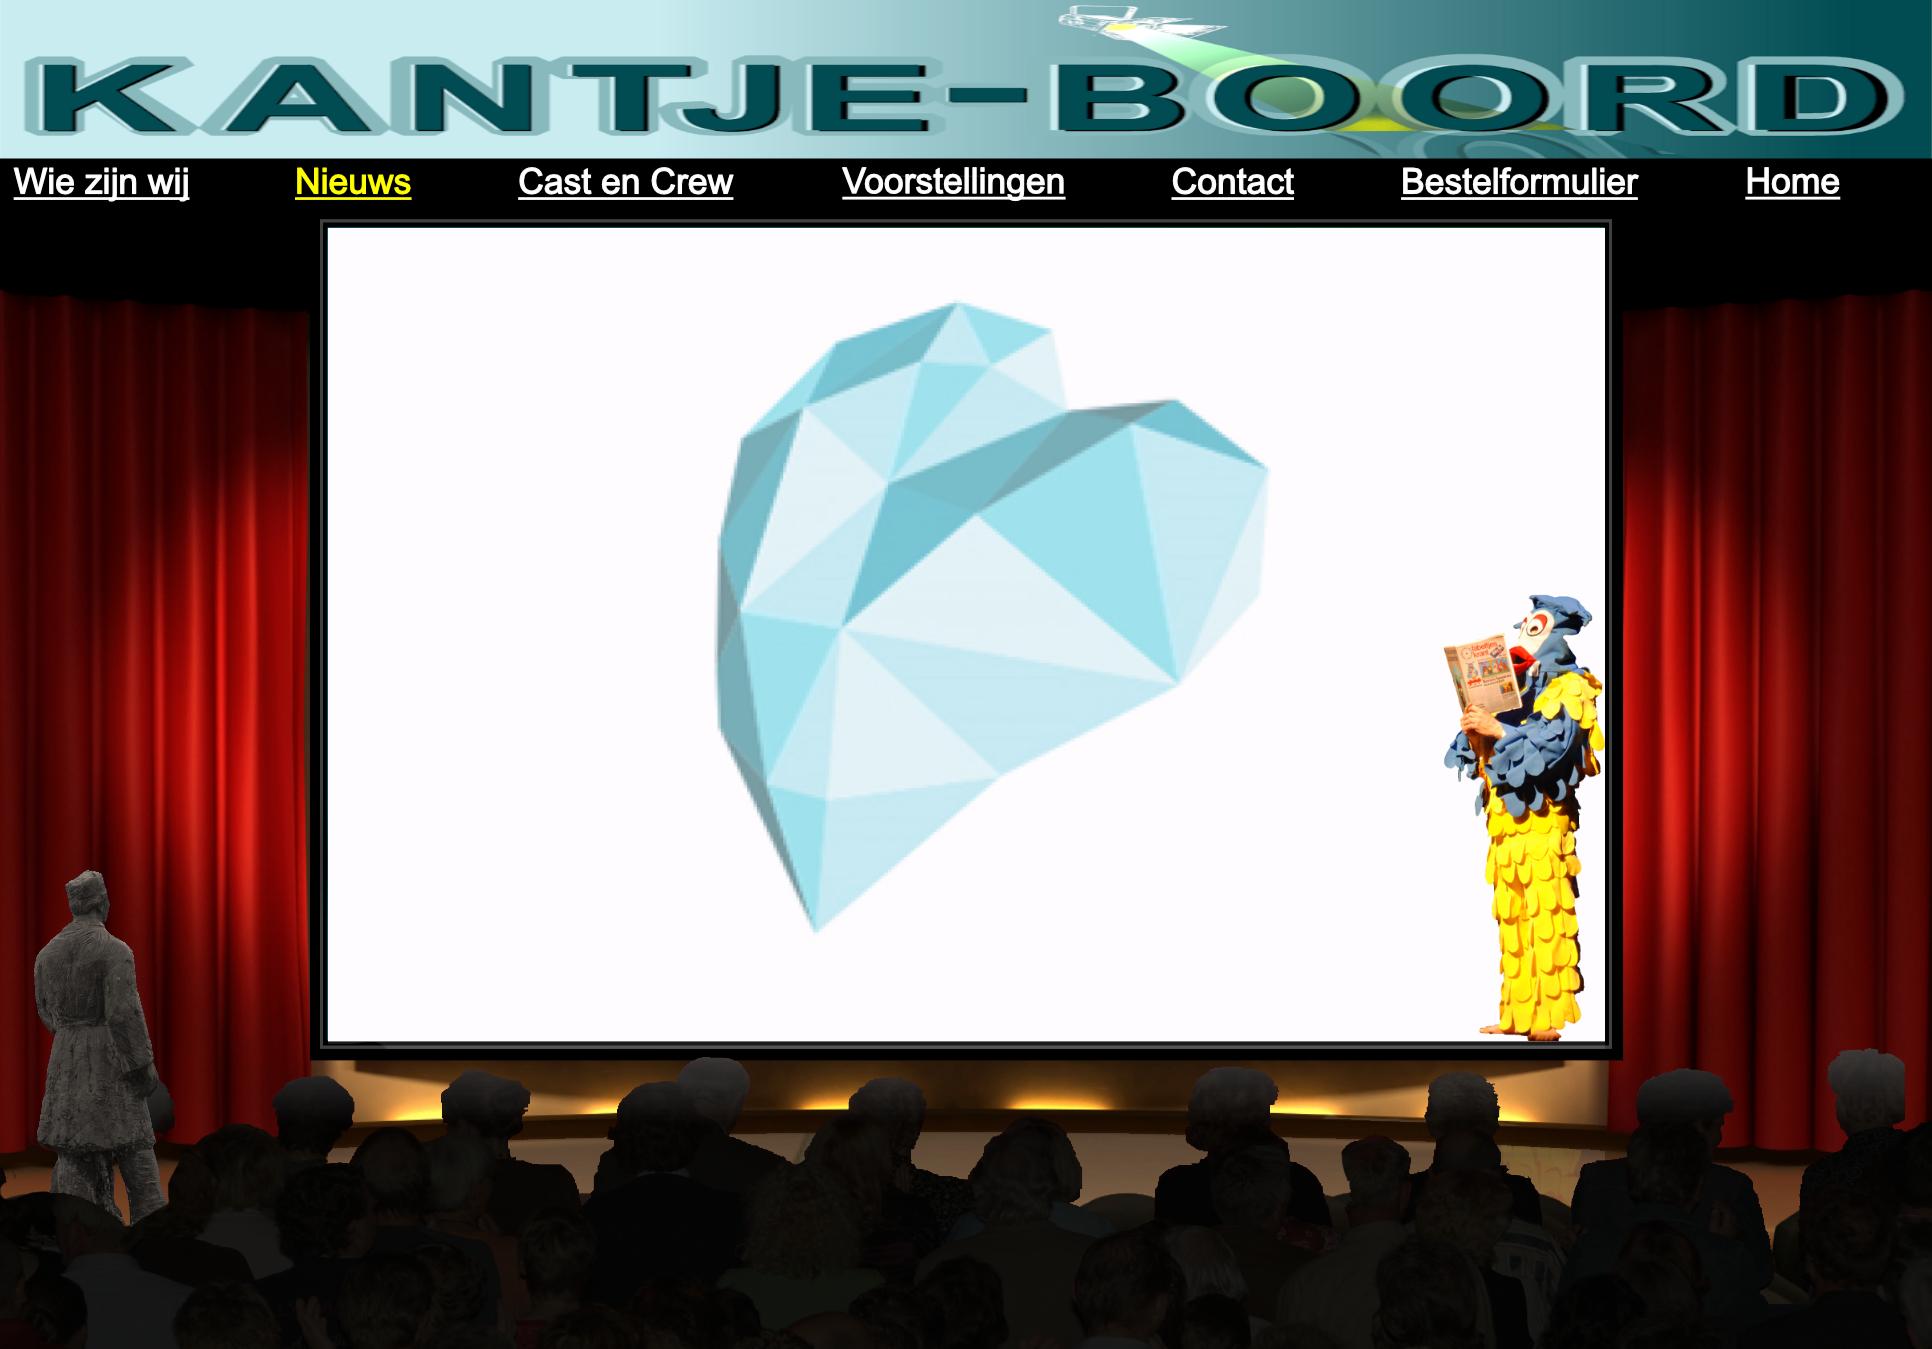 Kantje Boord